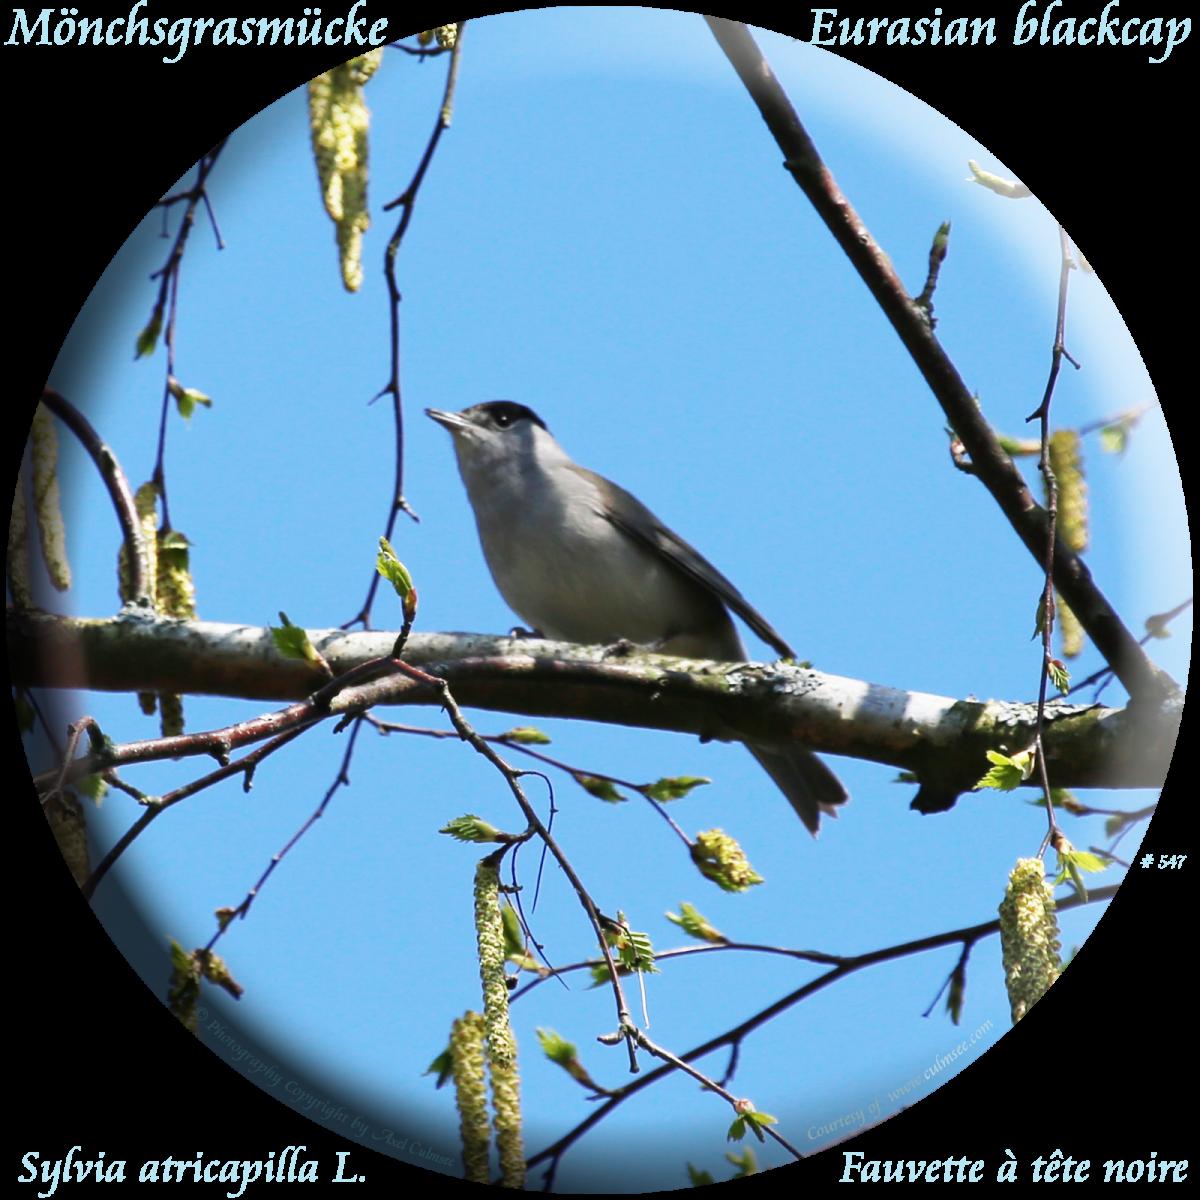 Mönchsgrasmücke / Eurasian blackcap (Sylvia atricapilla)